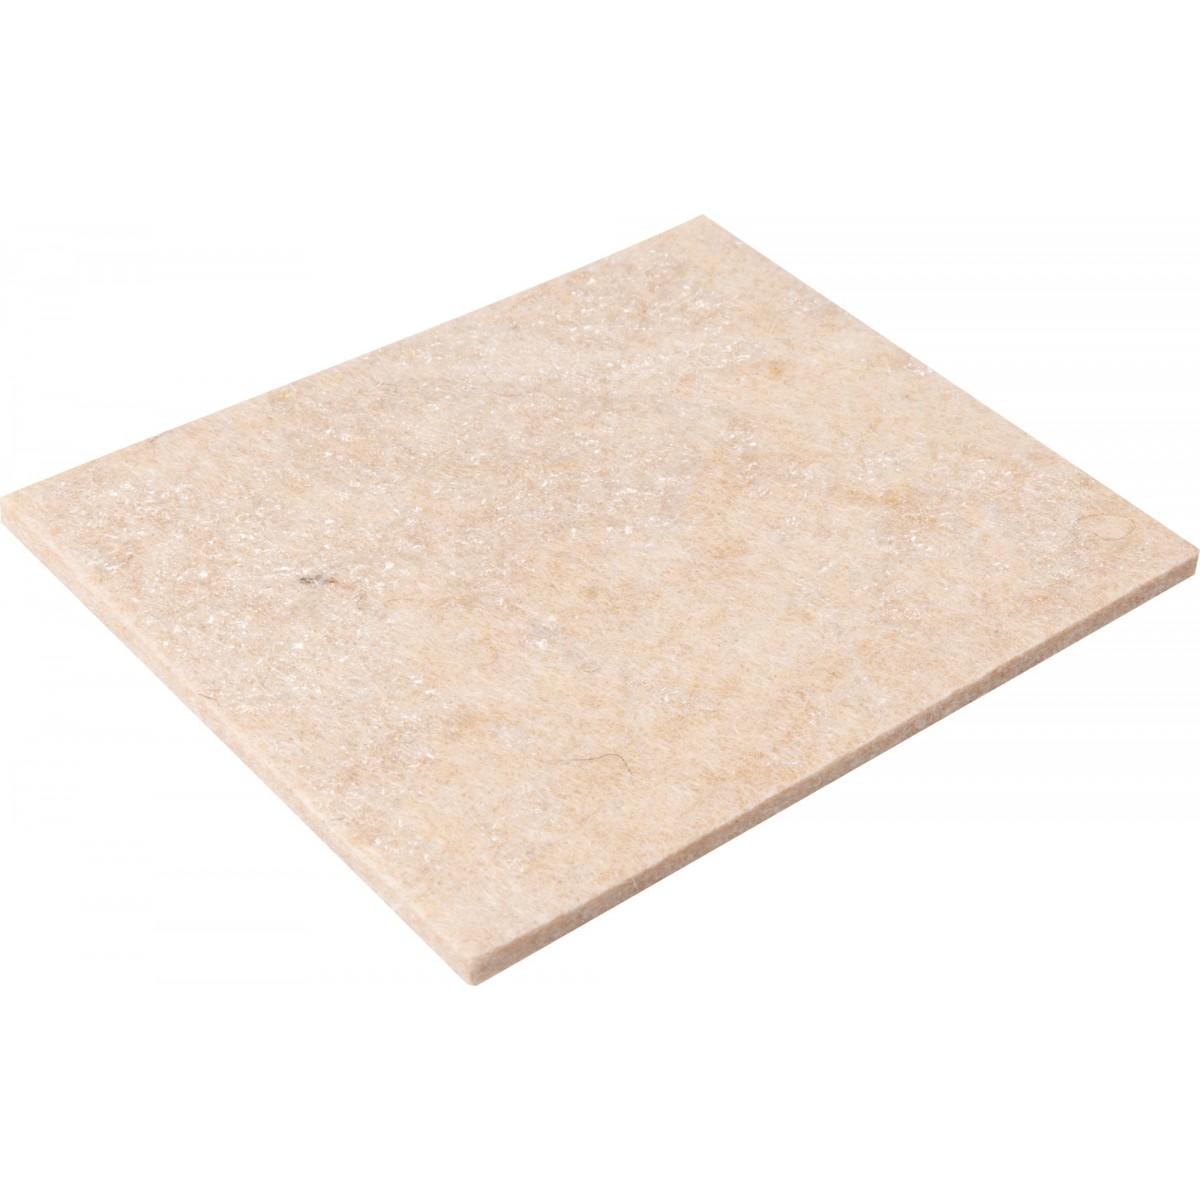 Patin adhésif feutre laine marron 3M- Rectangle - Dimensions 90 x 80 mm - Vendu par 1